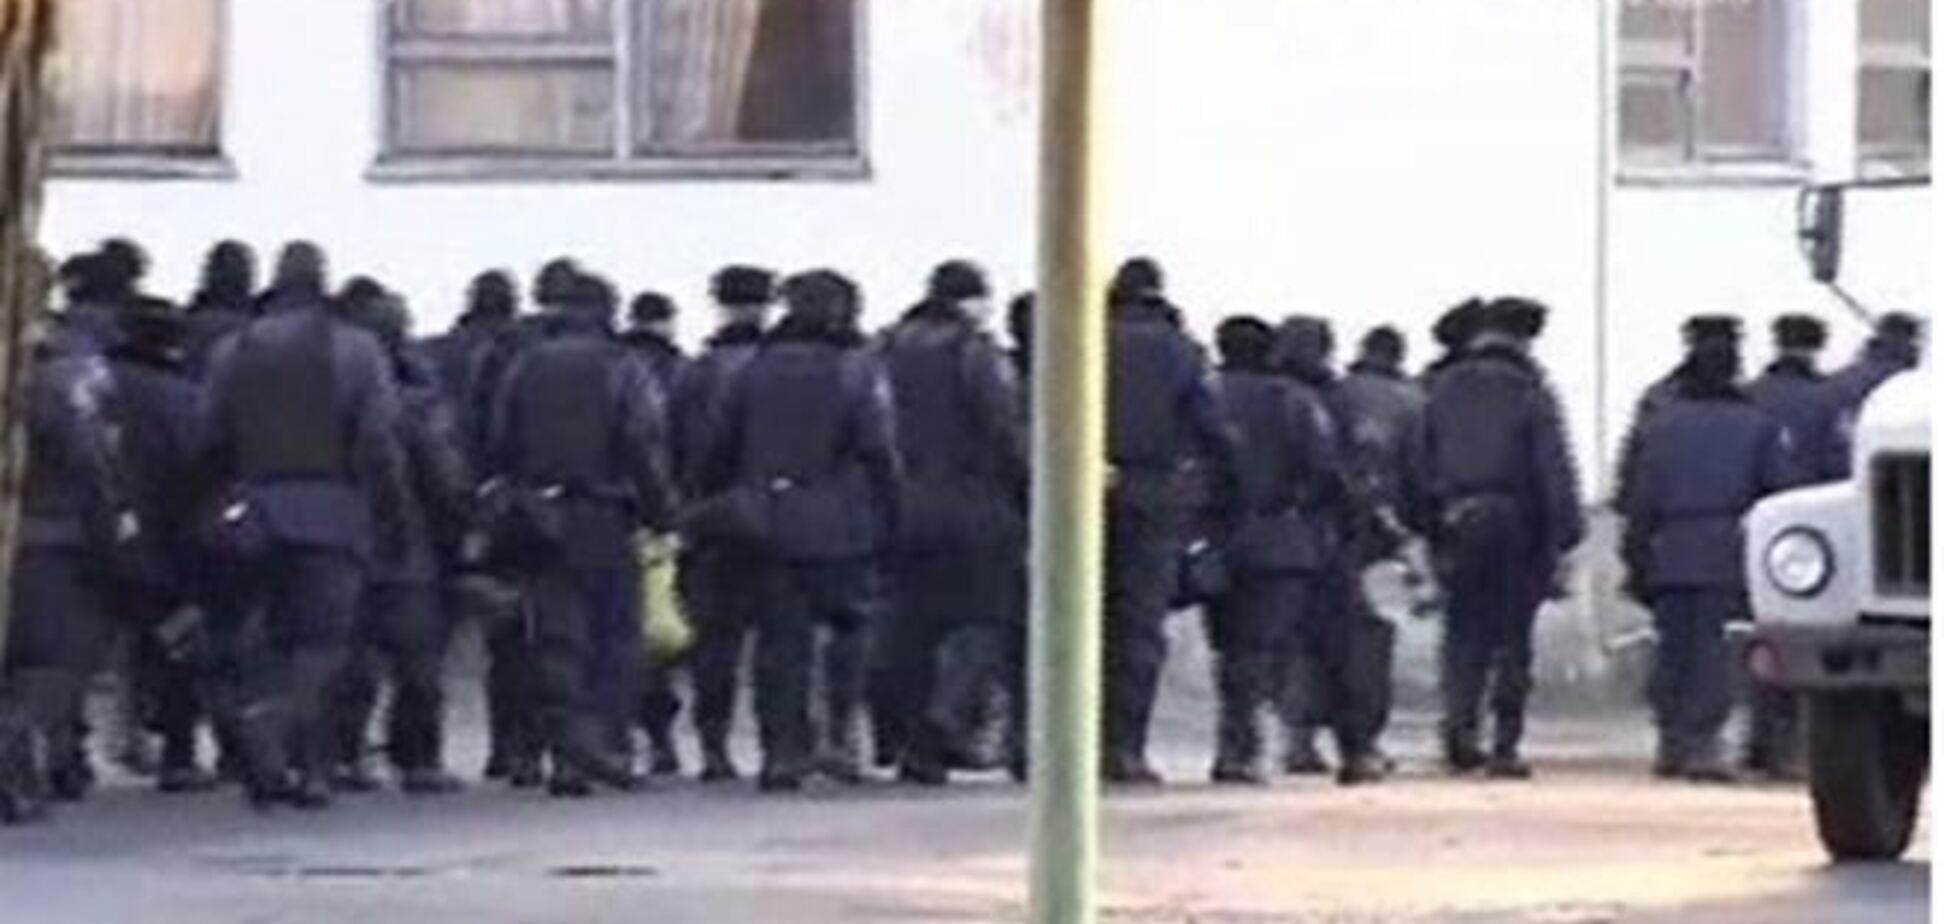 Бойцы 'Тигра' прорвались сквозь оцепление в Василькове и едут в Киев